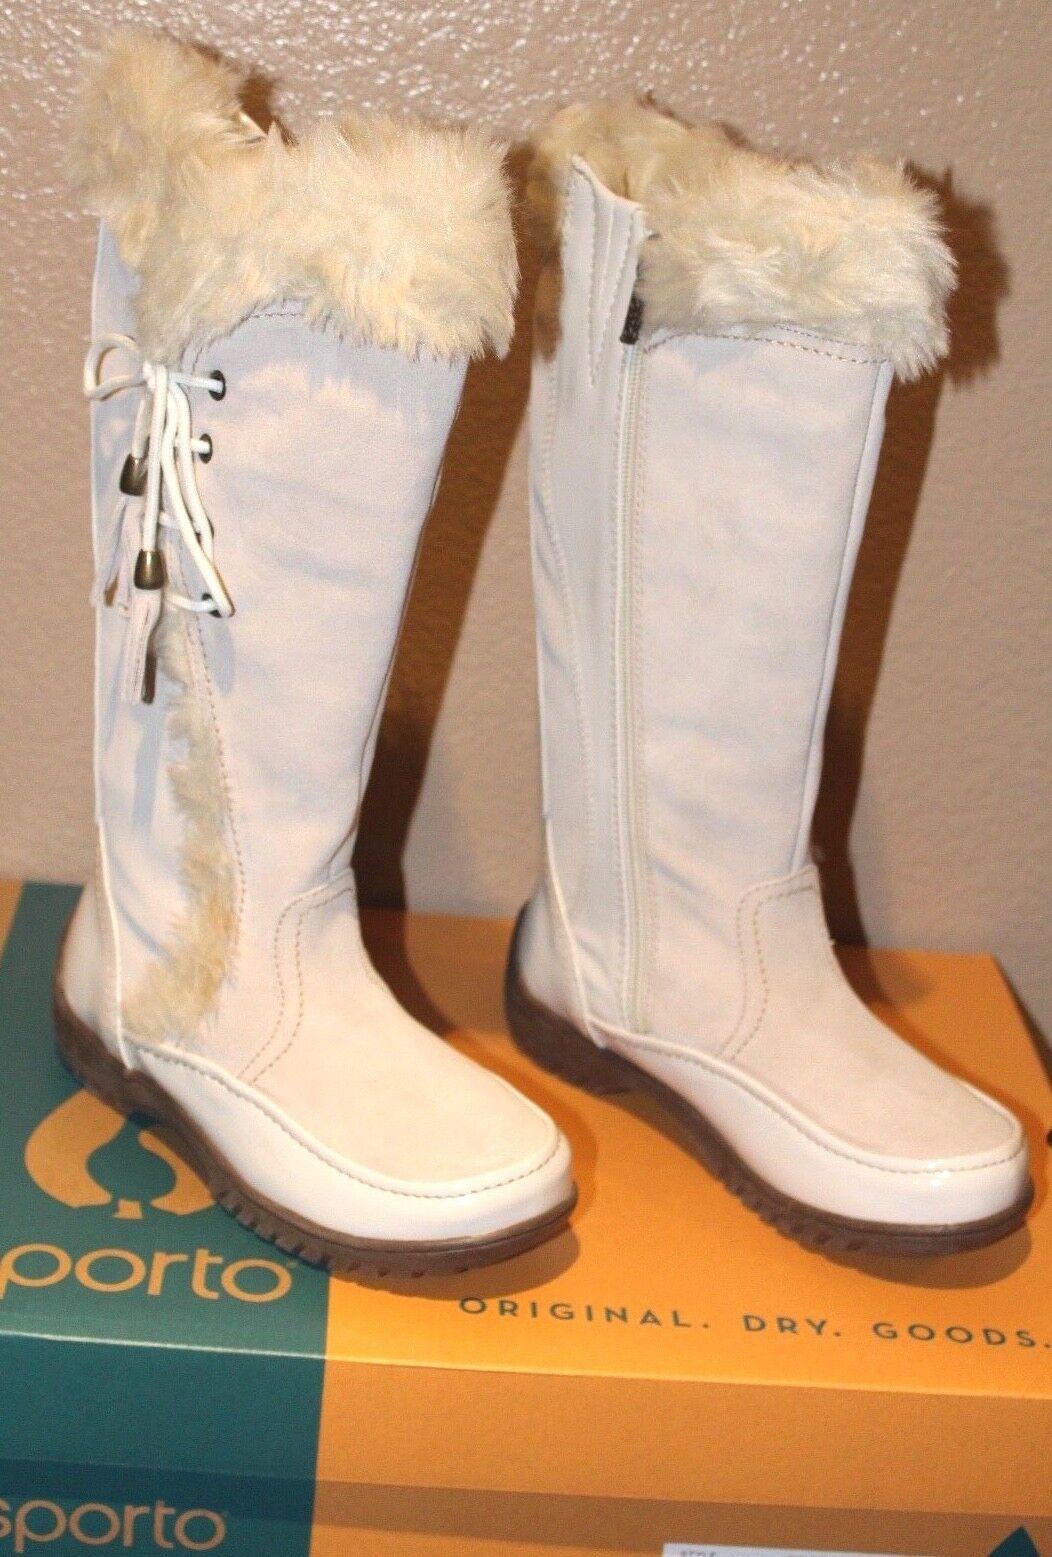 Sporto Waterproof Suede Tall Boot Side Winder Tassel Lace Up Winter WEISS 61/2 M